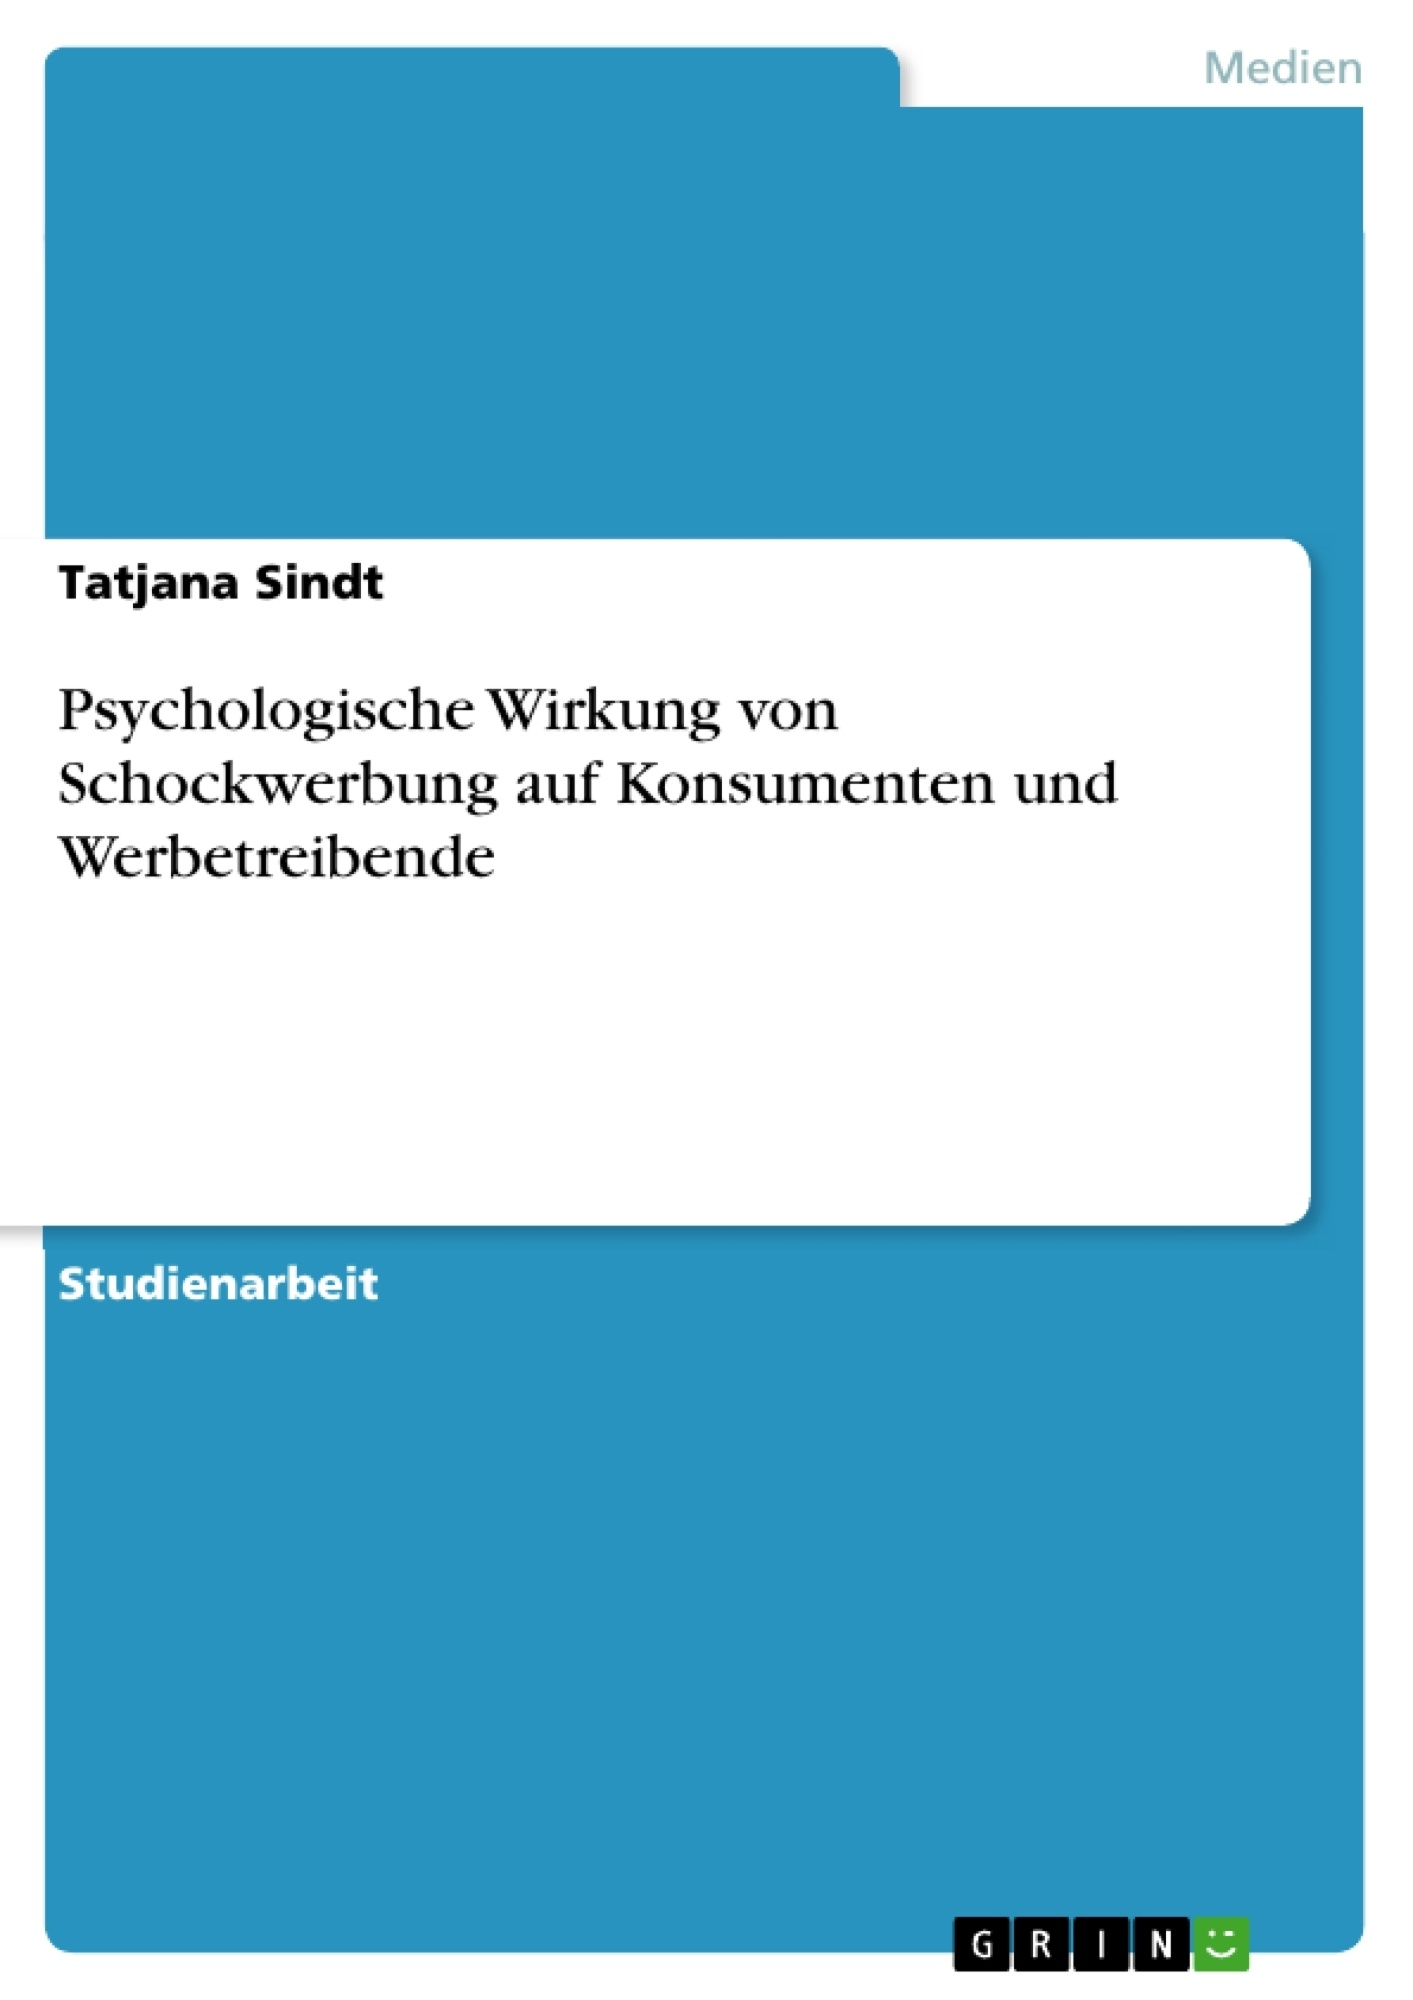 Titel: Psychologische Wirkung von Schockwerbung auf Konsumenten und Werbetreibende